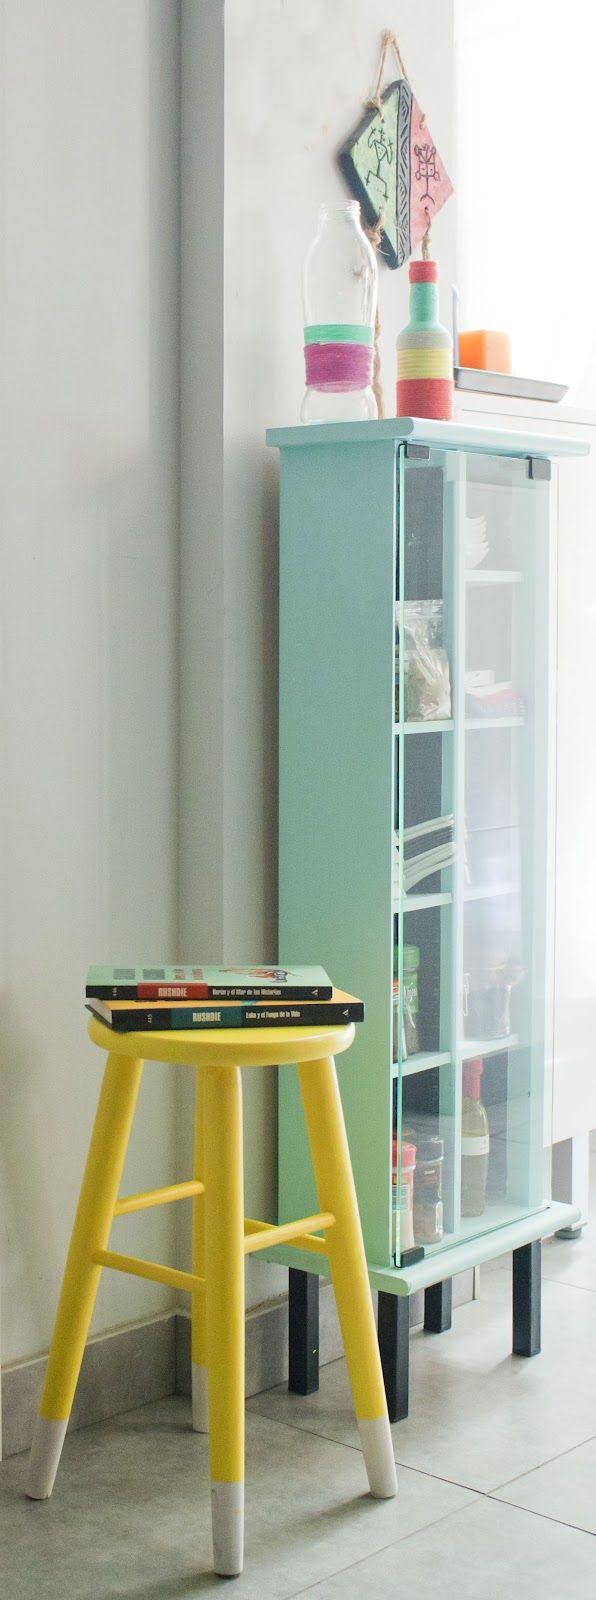 Hay un trasto en mi trastero banquito amarillo y gris for Muebles de cocina amarillos